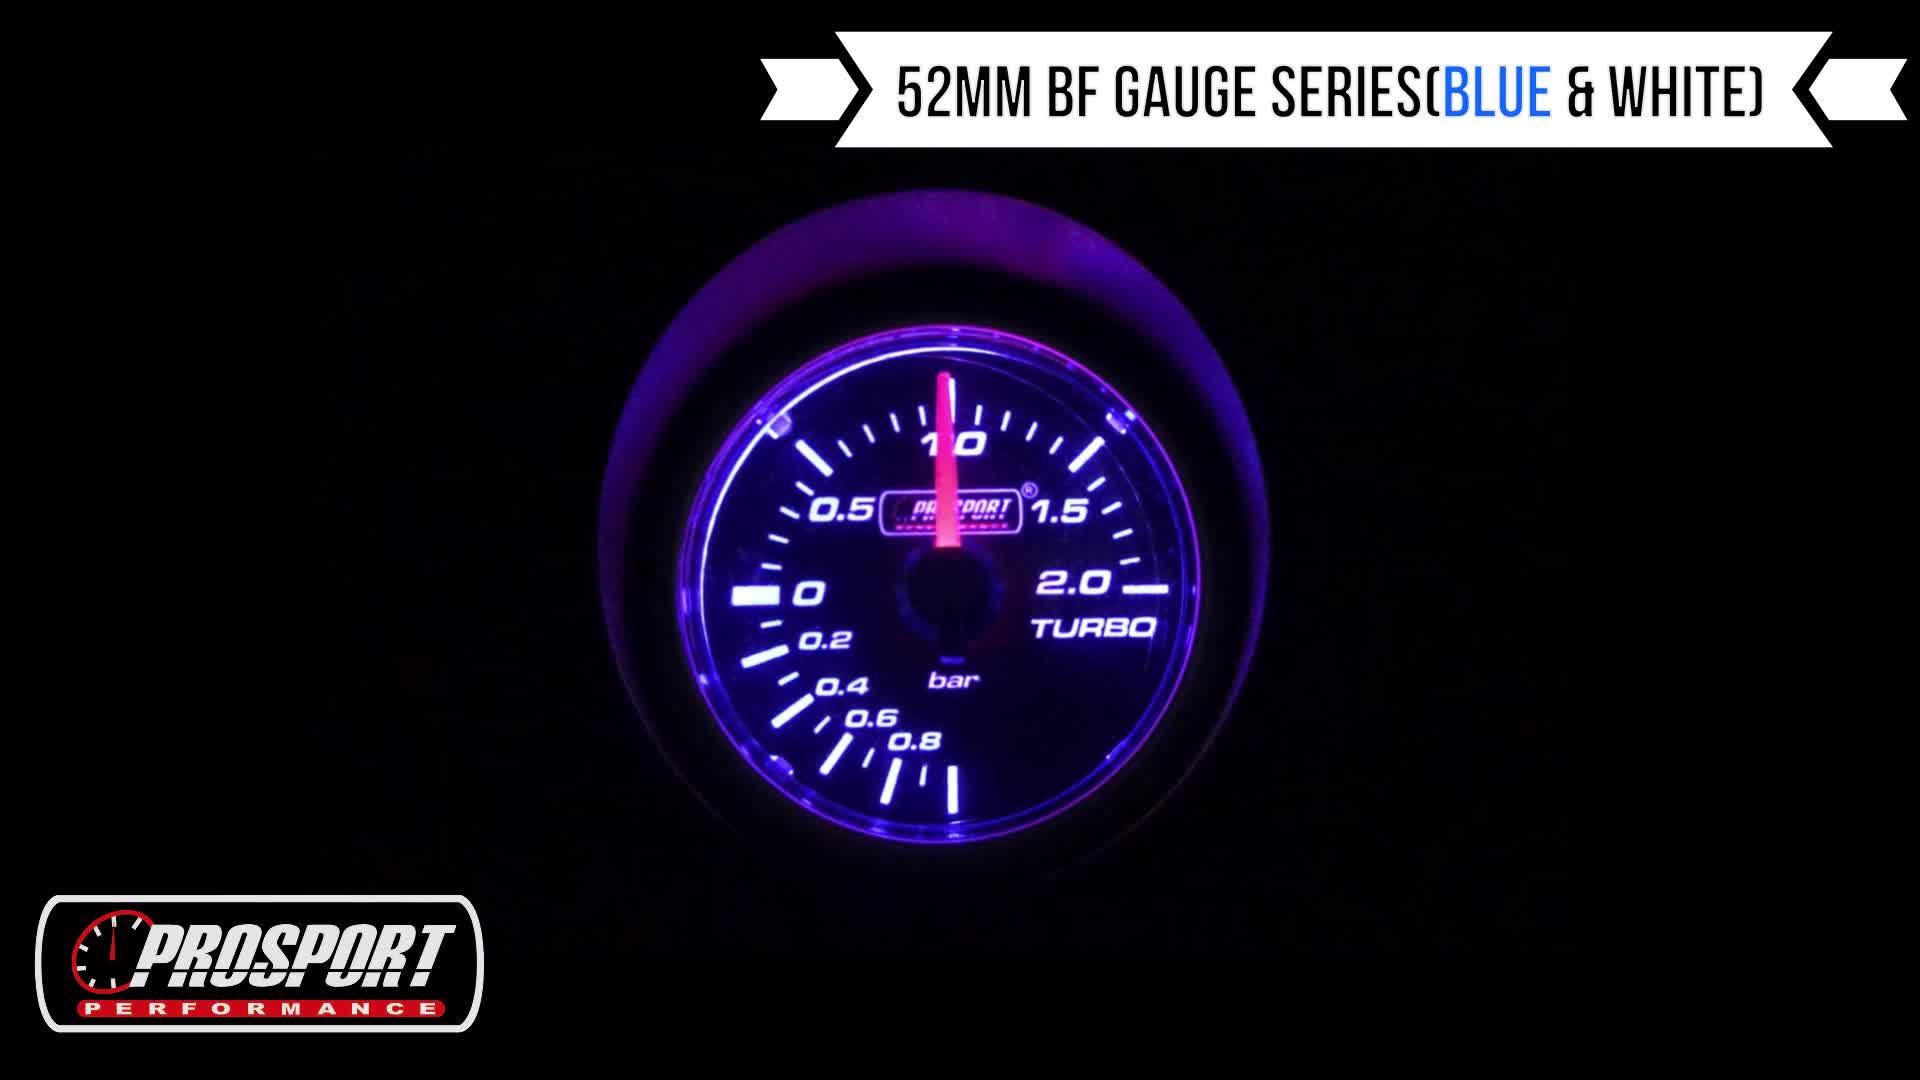 52 mét racing linh kiện ô tô điện đo áp suất nhiên liệu